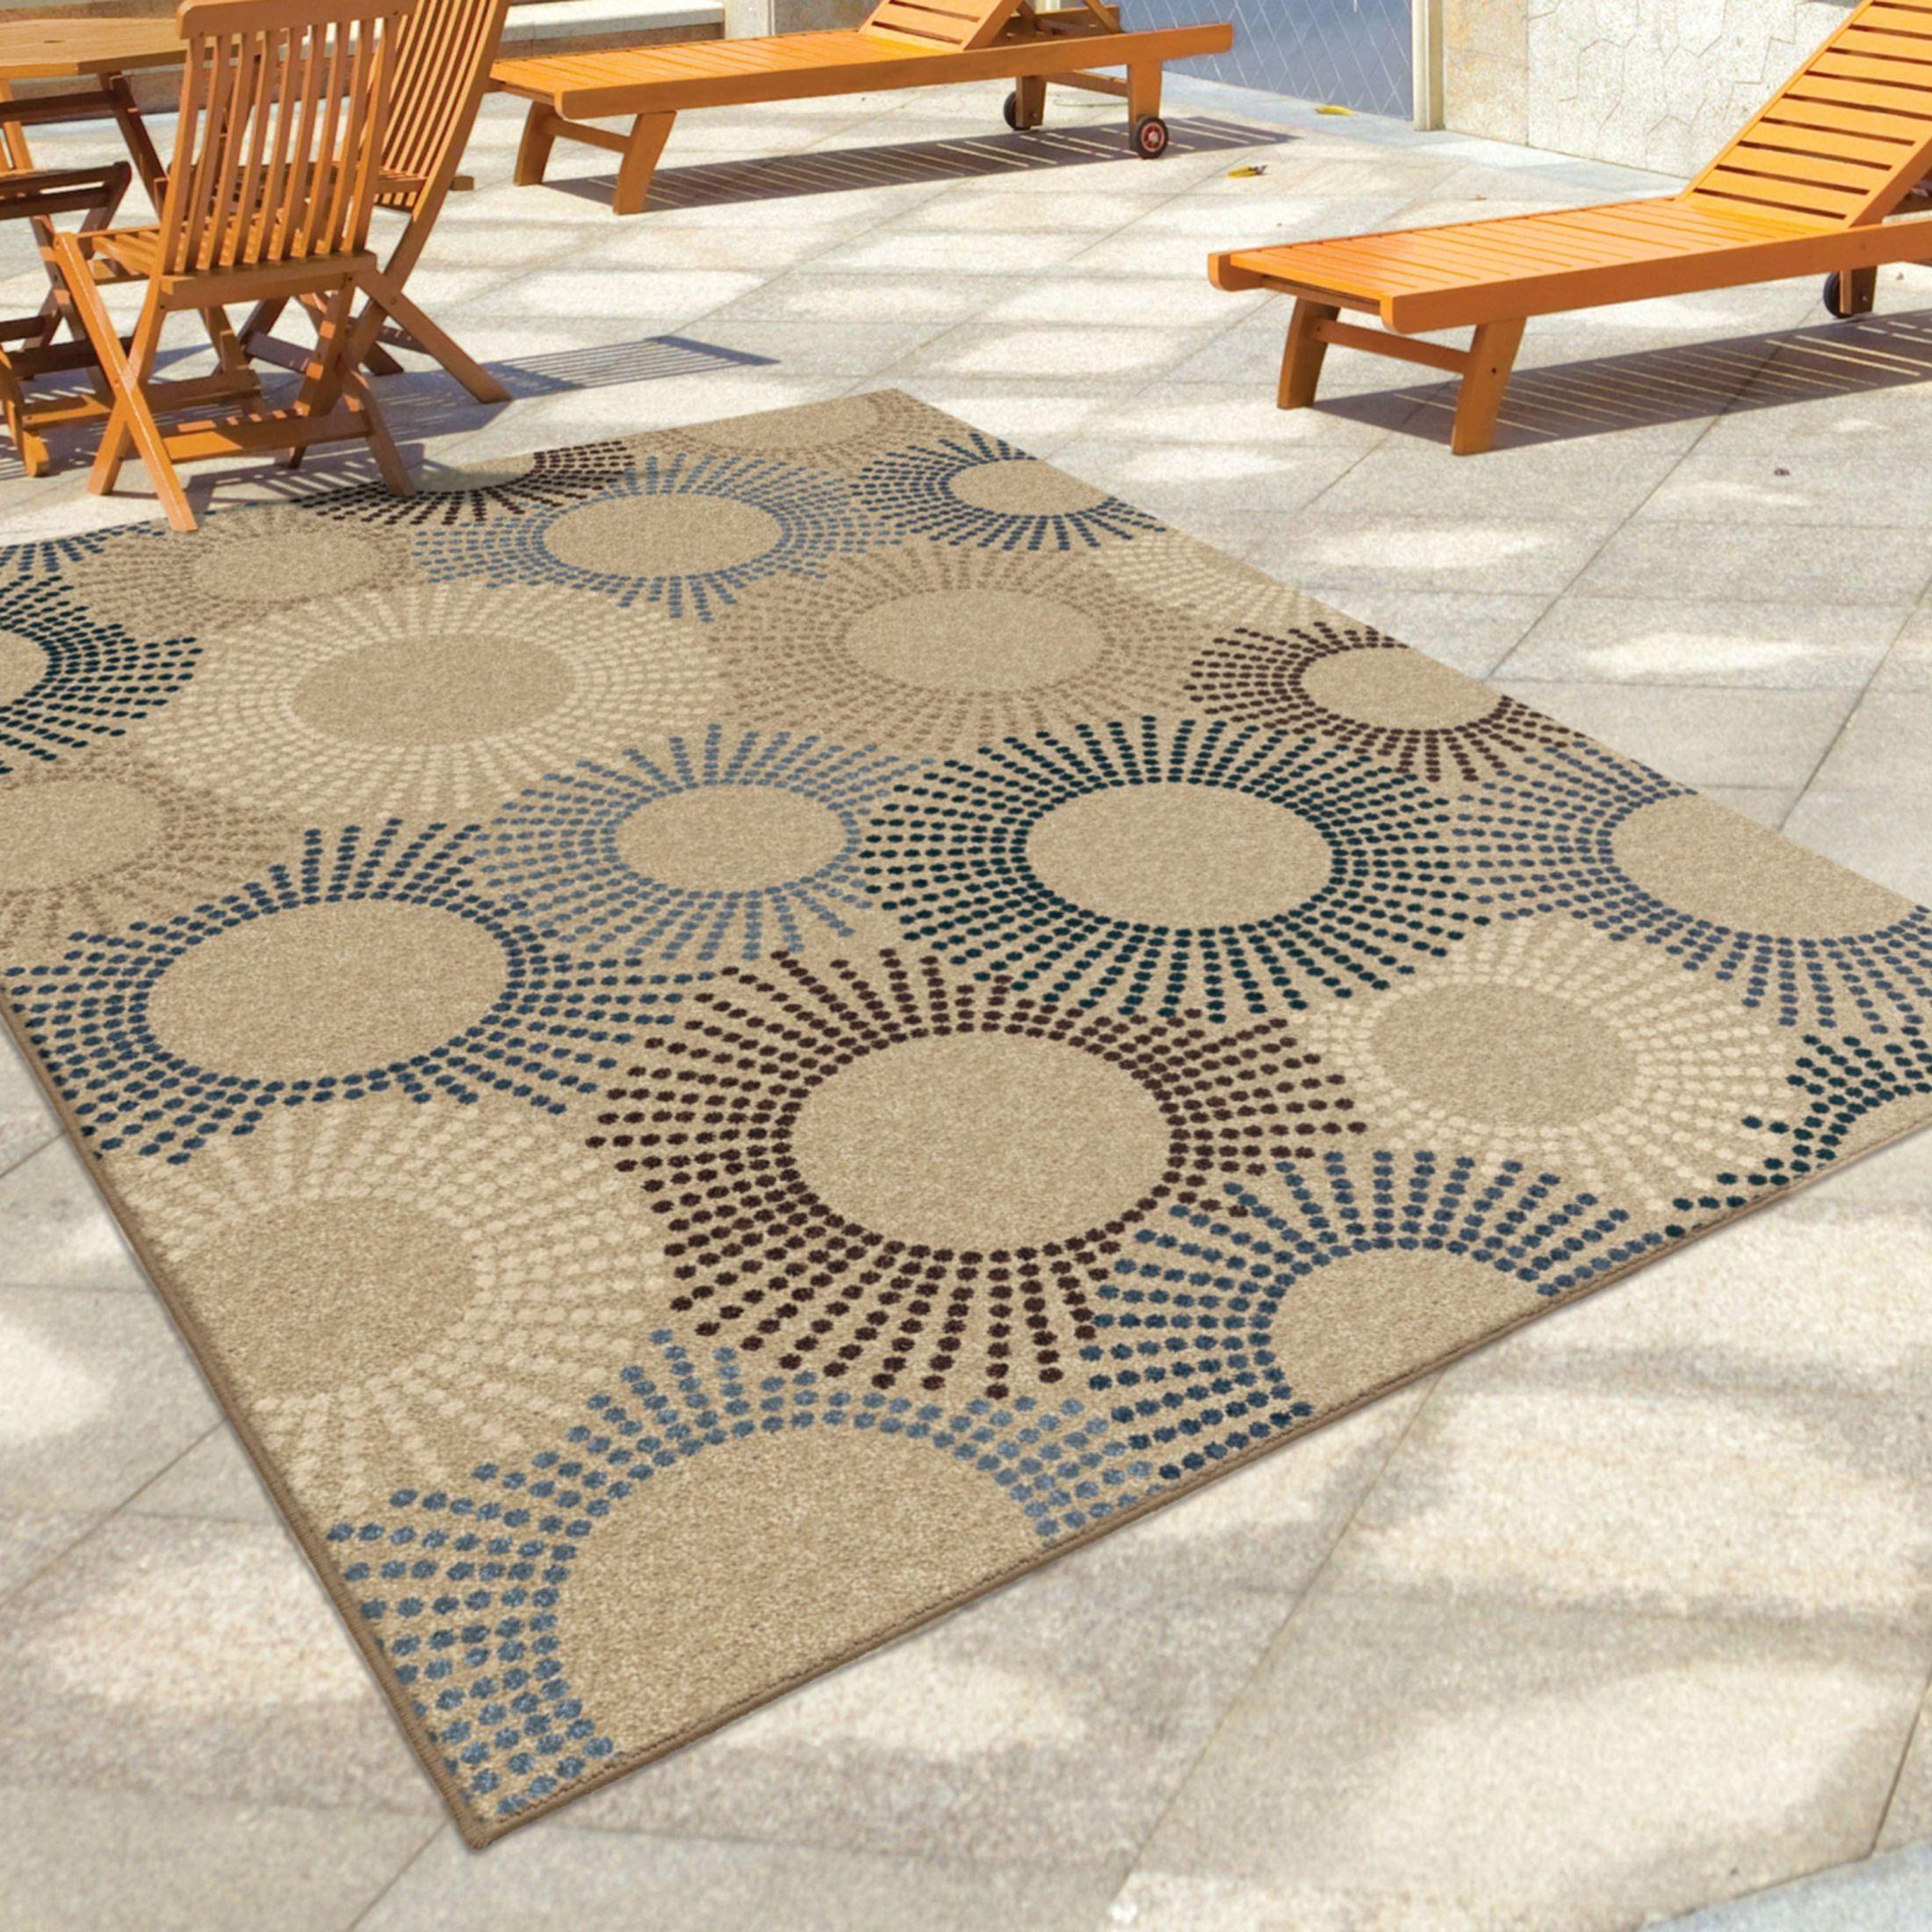 Outdoor 5x8 Area Rug: Orian Rugs Indoor/Outdoor Circles Ray Of Light Beige Area